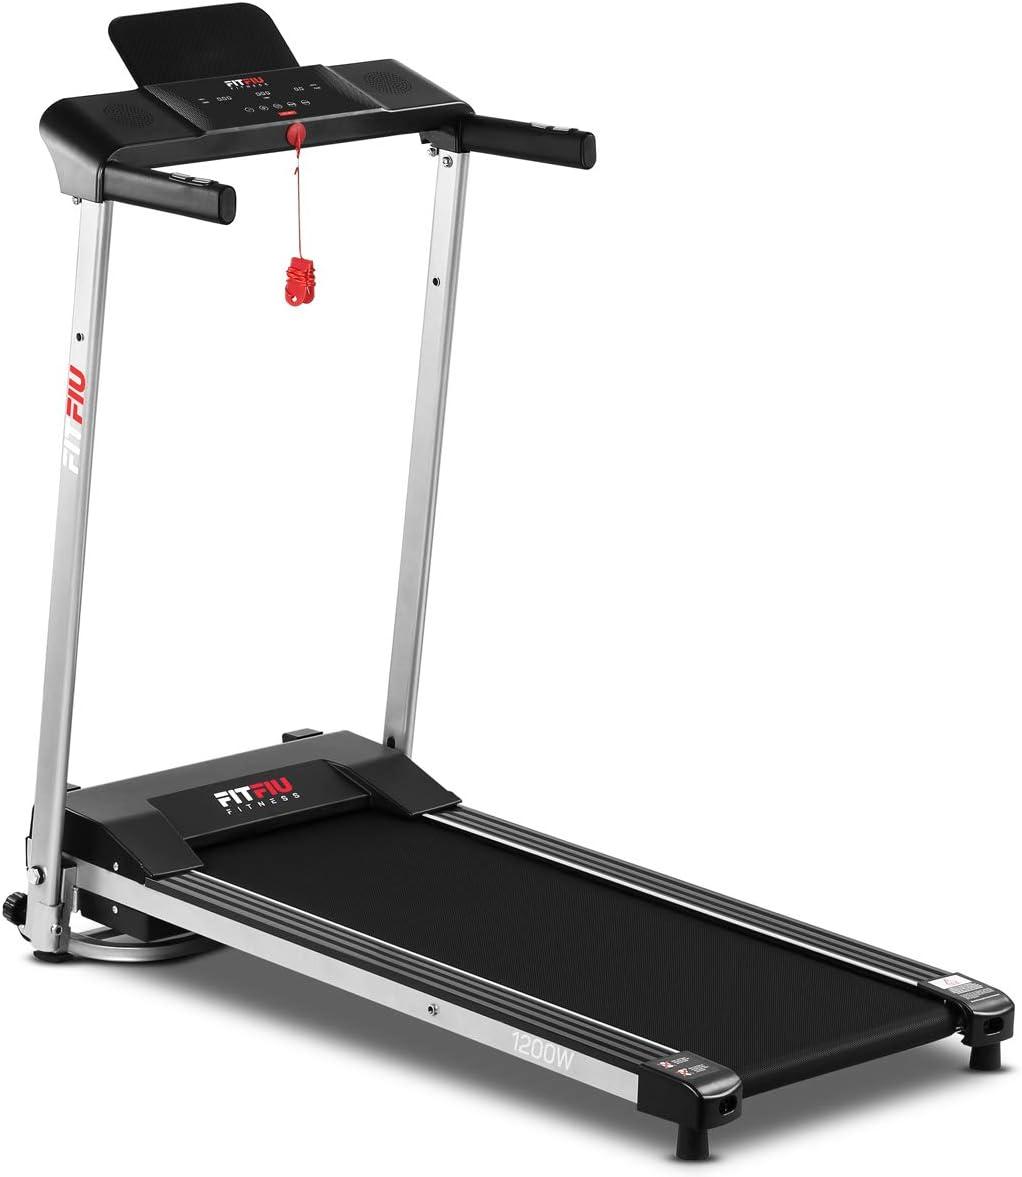 Fitfiu Fitness MC-160 - Cinta de correr plegable ultracompacta, velocidad hasta 10 km/hy superficie de carrera de 36 x 100 cm, Máquina fitness de ...